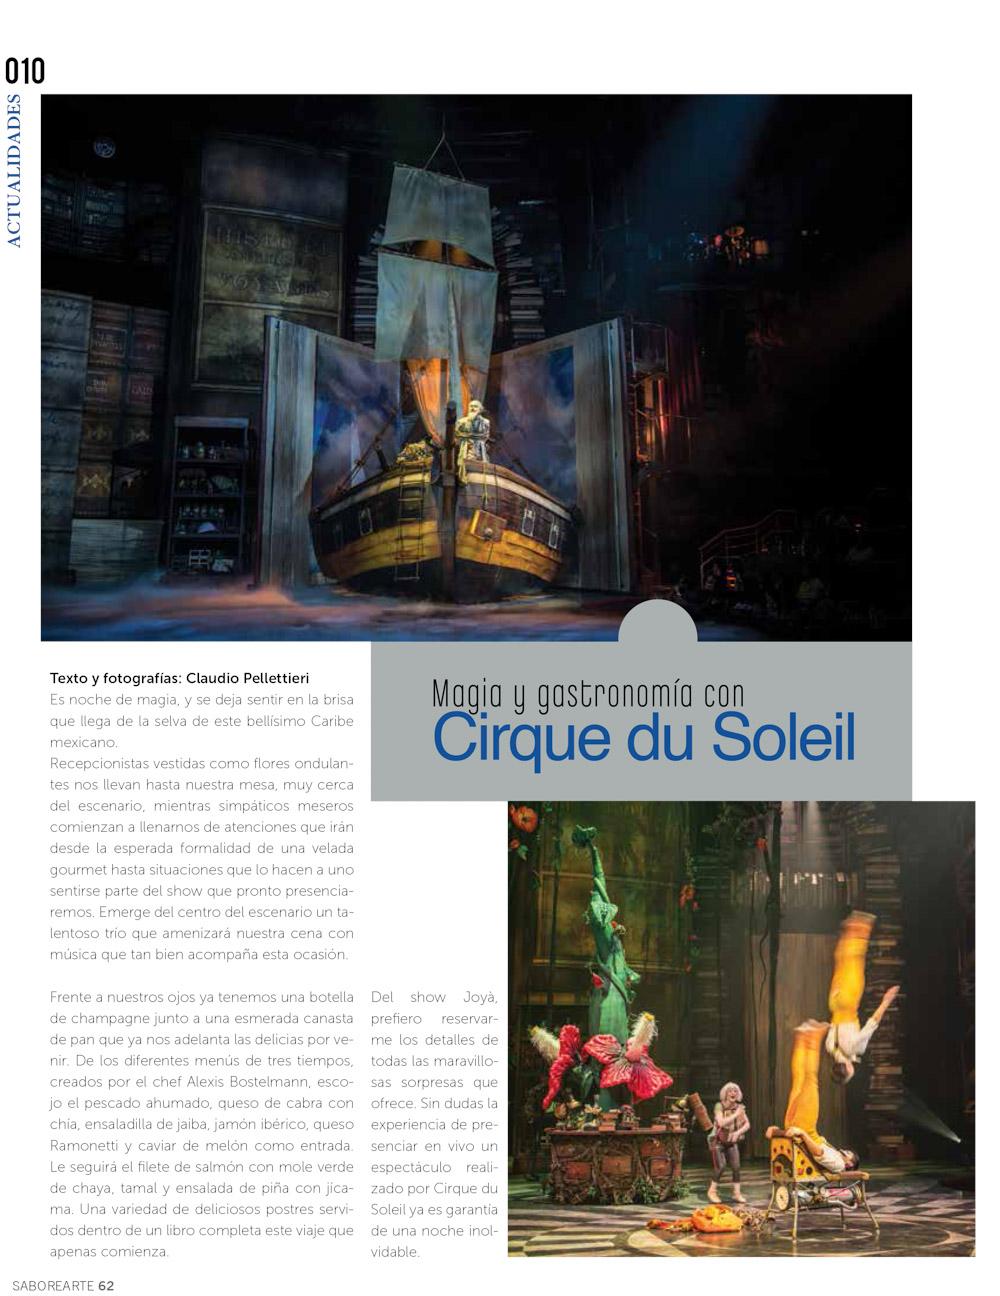 Revista Saborearte Nro 62